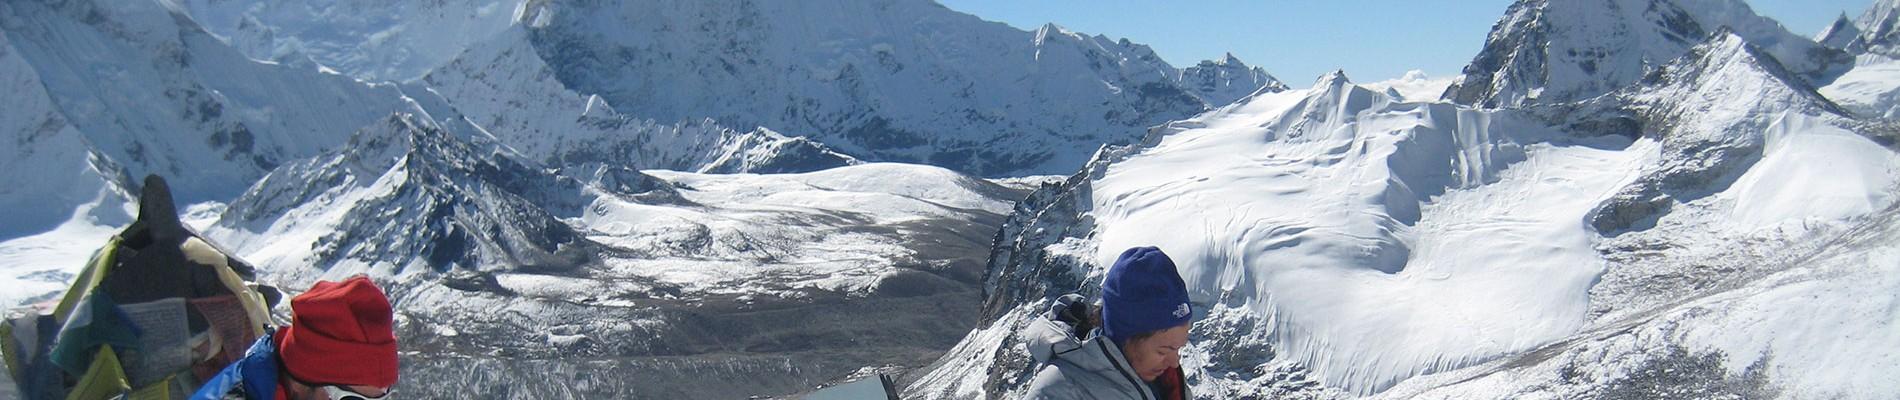 Nepal: 15d Yala Peak Climbing